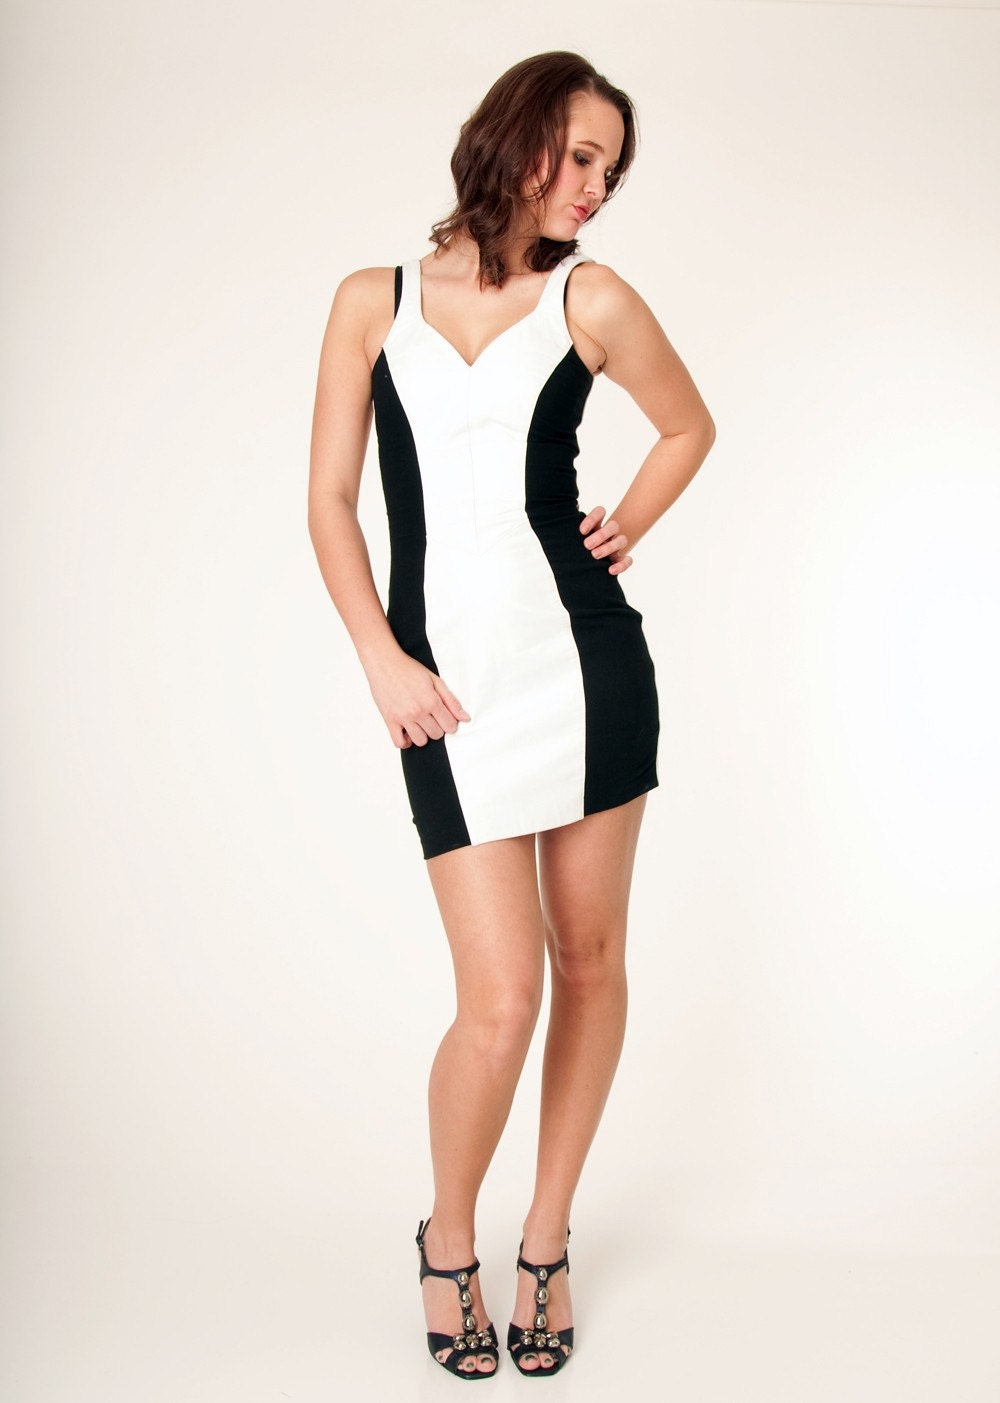 Black And White Tight Skirt